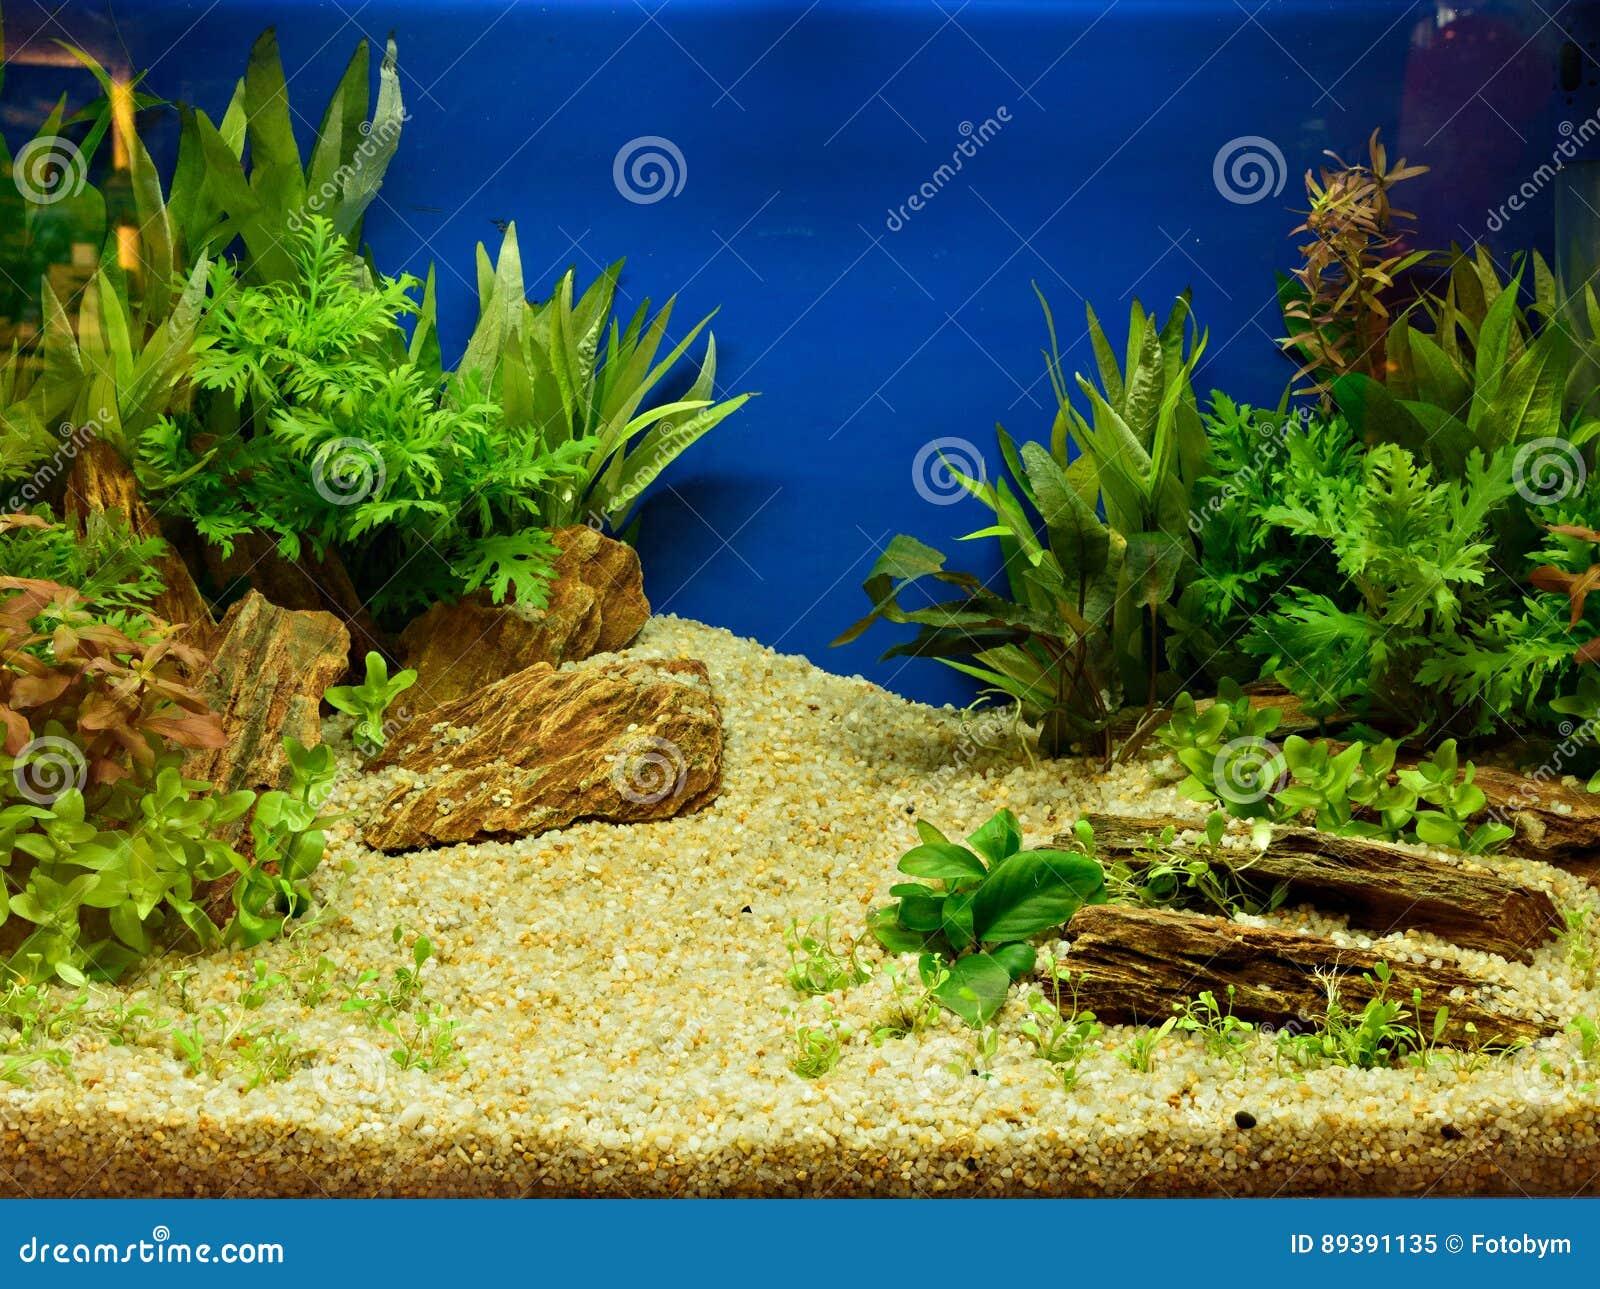 Aquascaping Planted Aquarium Stock Images - Download 59 ...